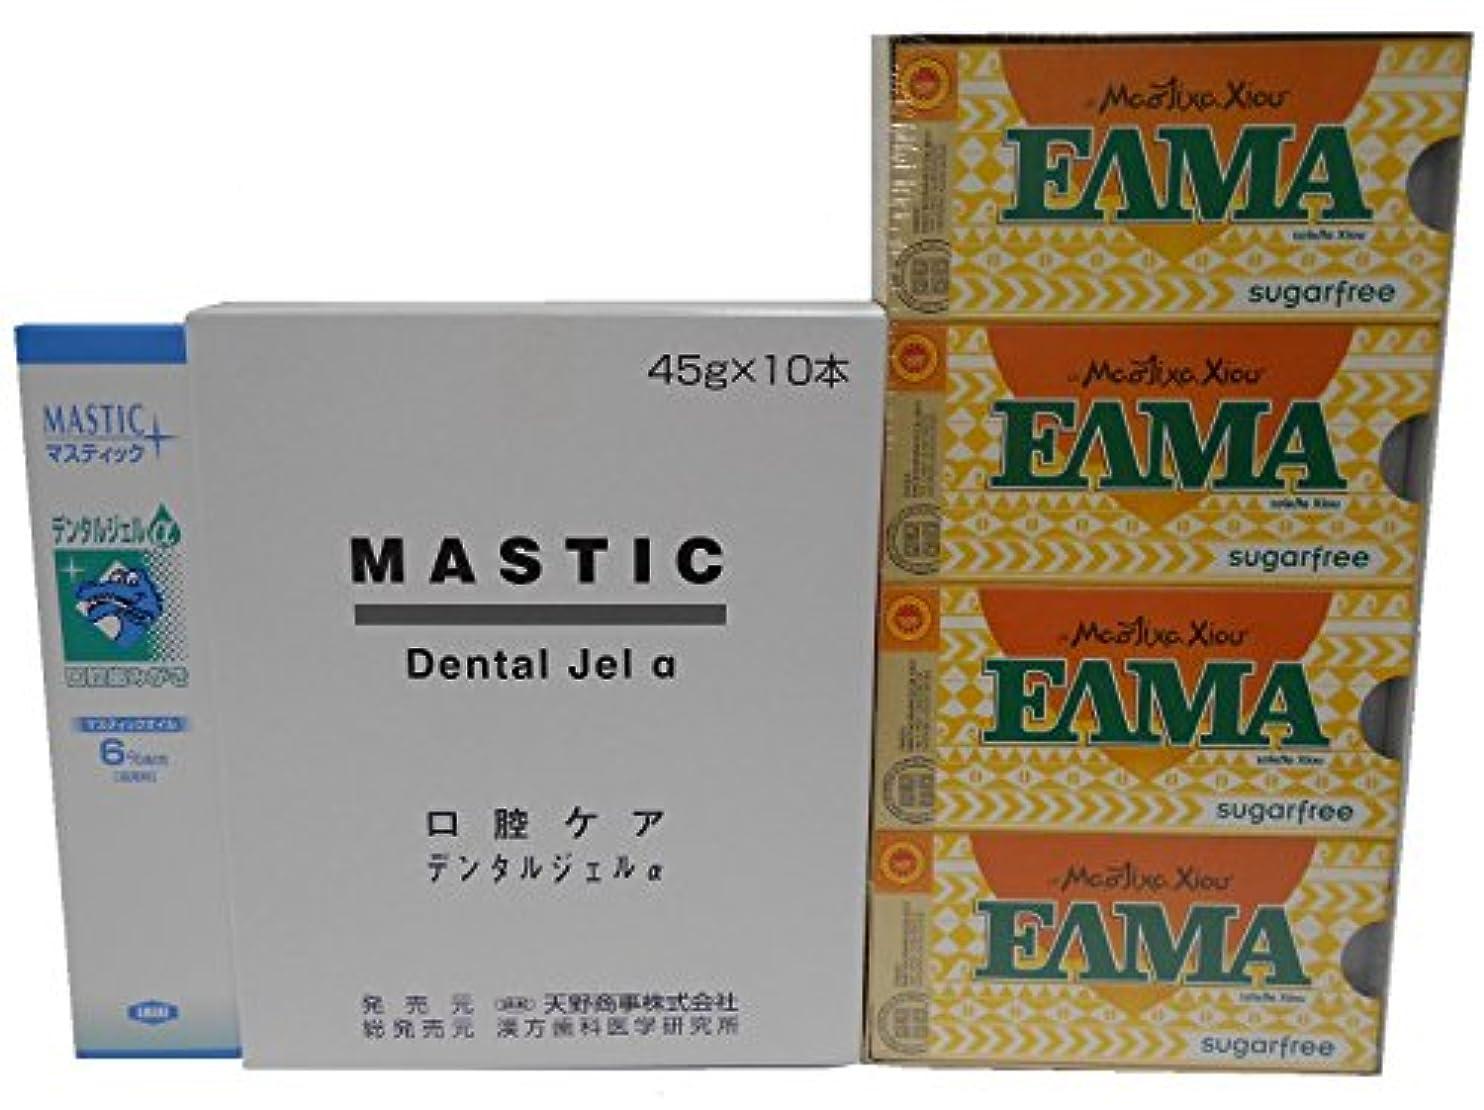 飢哀れな海岸MASTIC マスティックデンタルジェルα45gX10個+ELMAマスティックガム(10粒x20シート入り)1箱セット